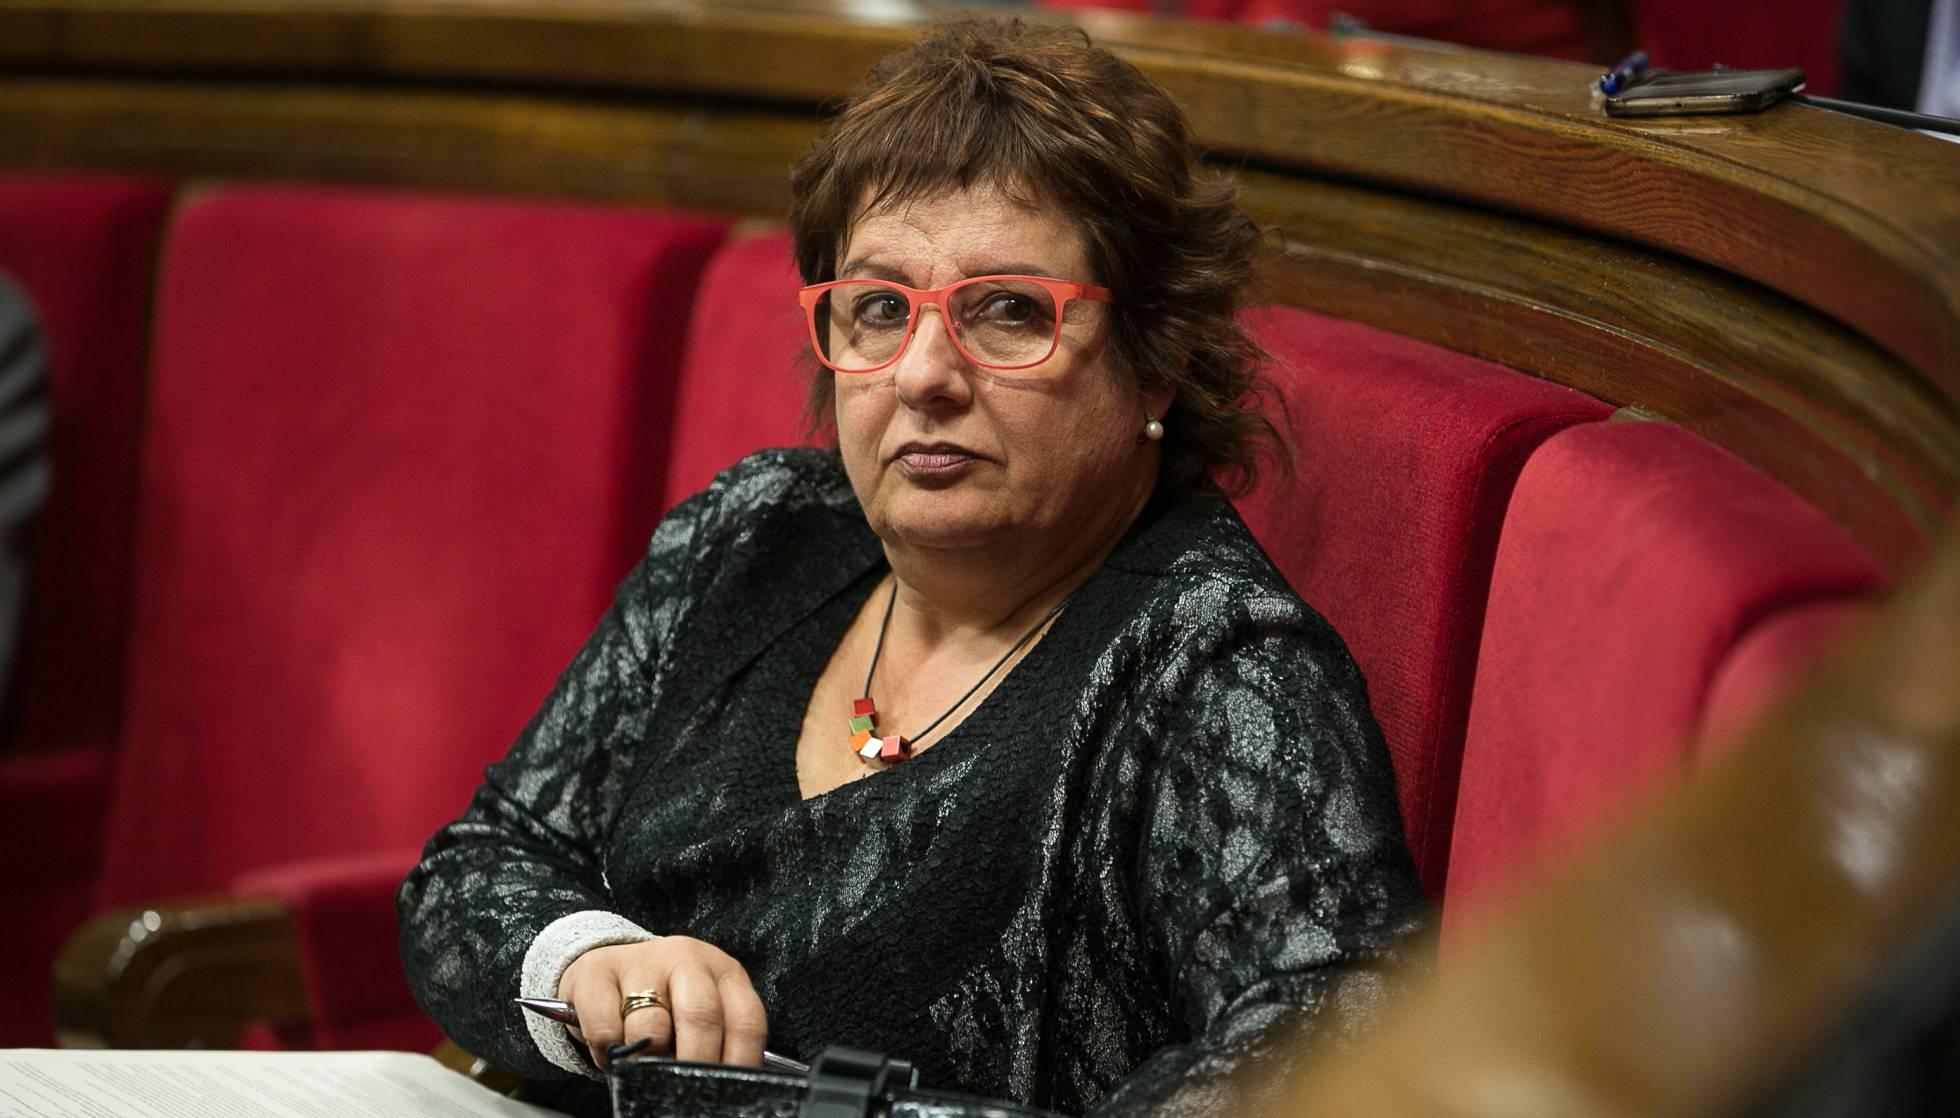 La consellera Dolors Bassa, al Parlament. Albert Garcia